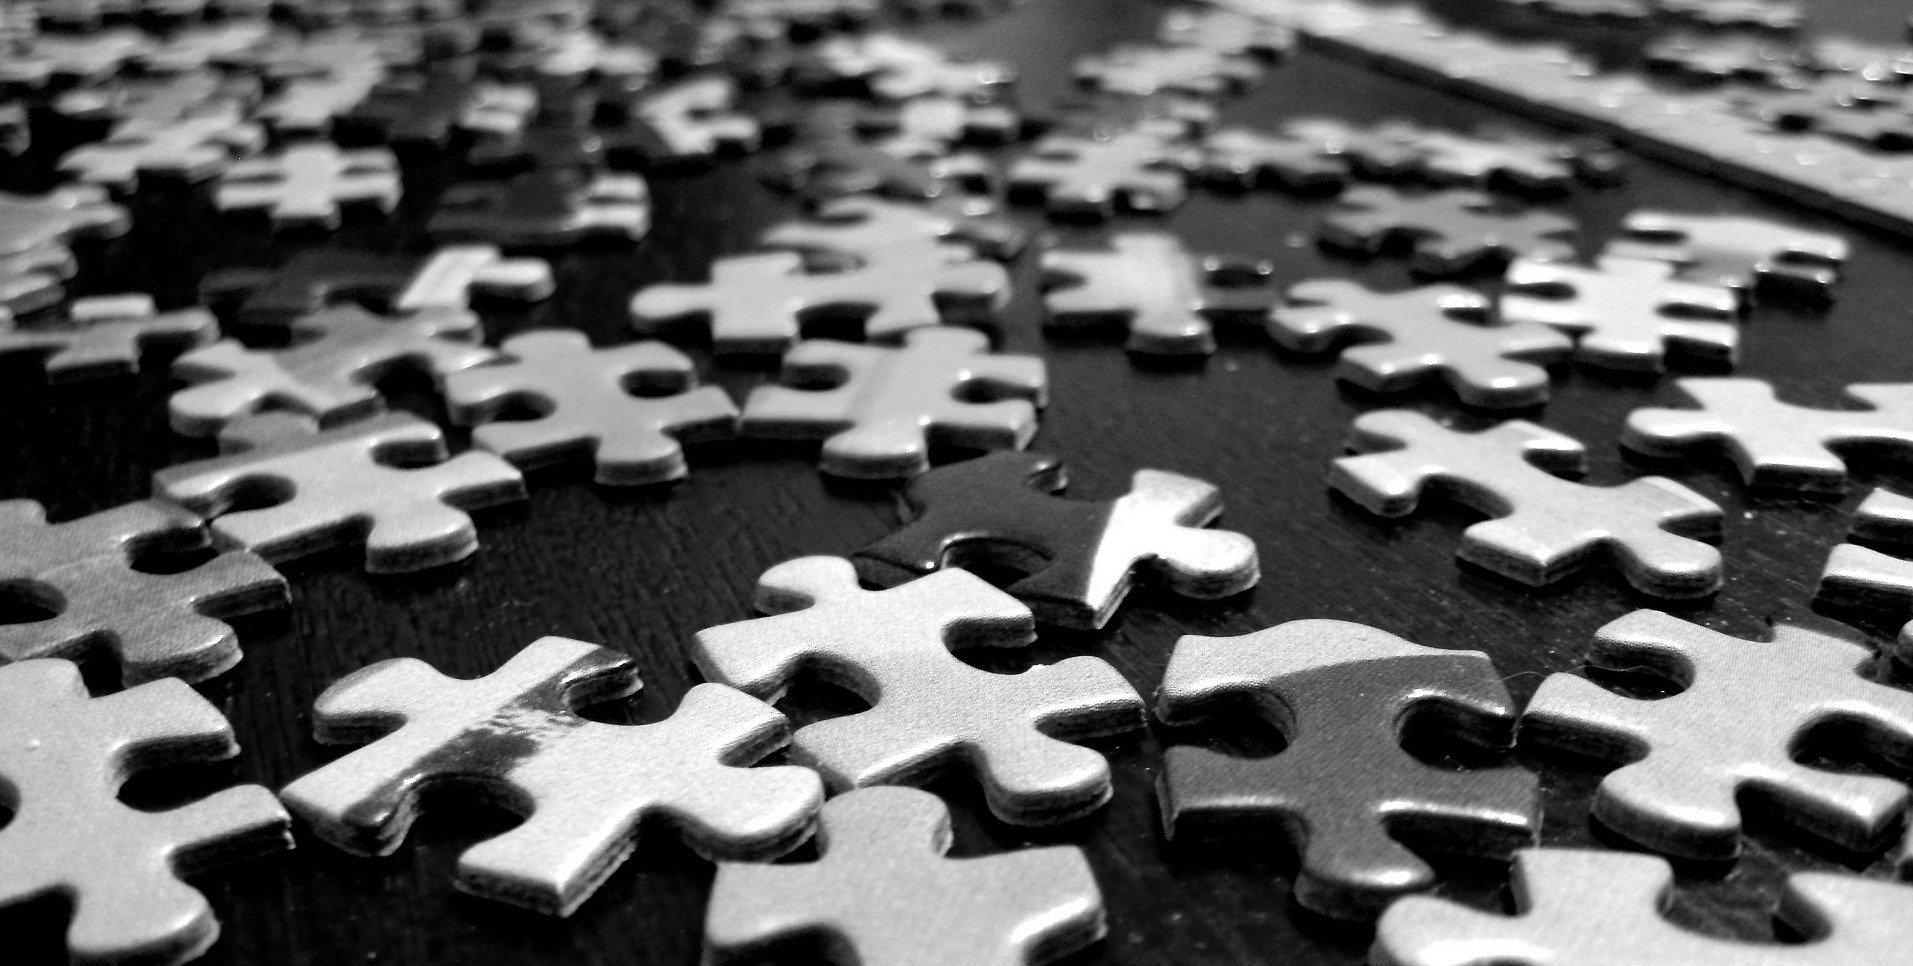 puzzle-226743_1920-1